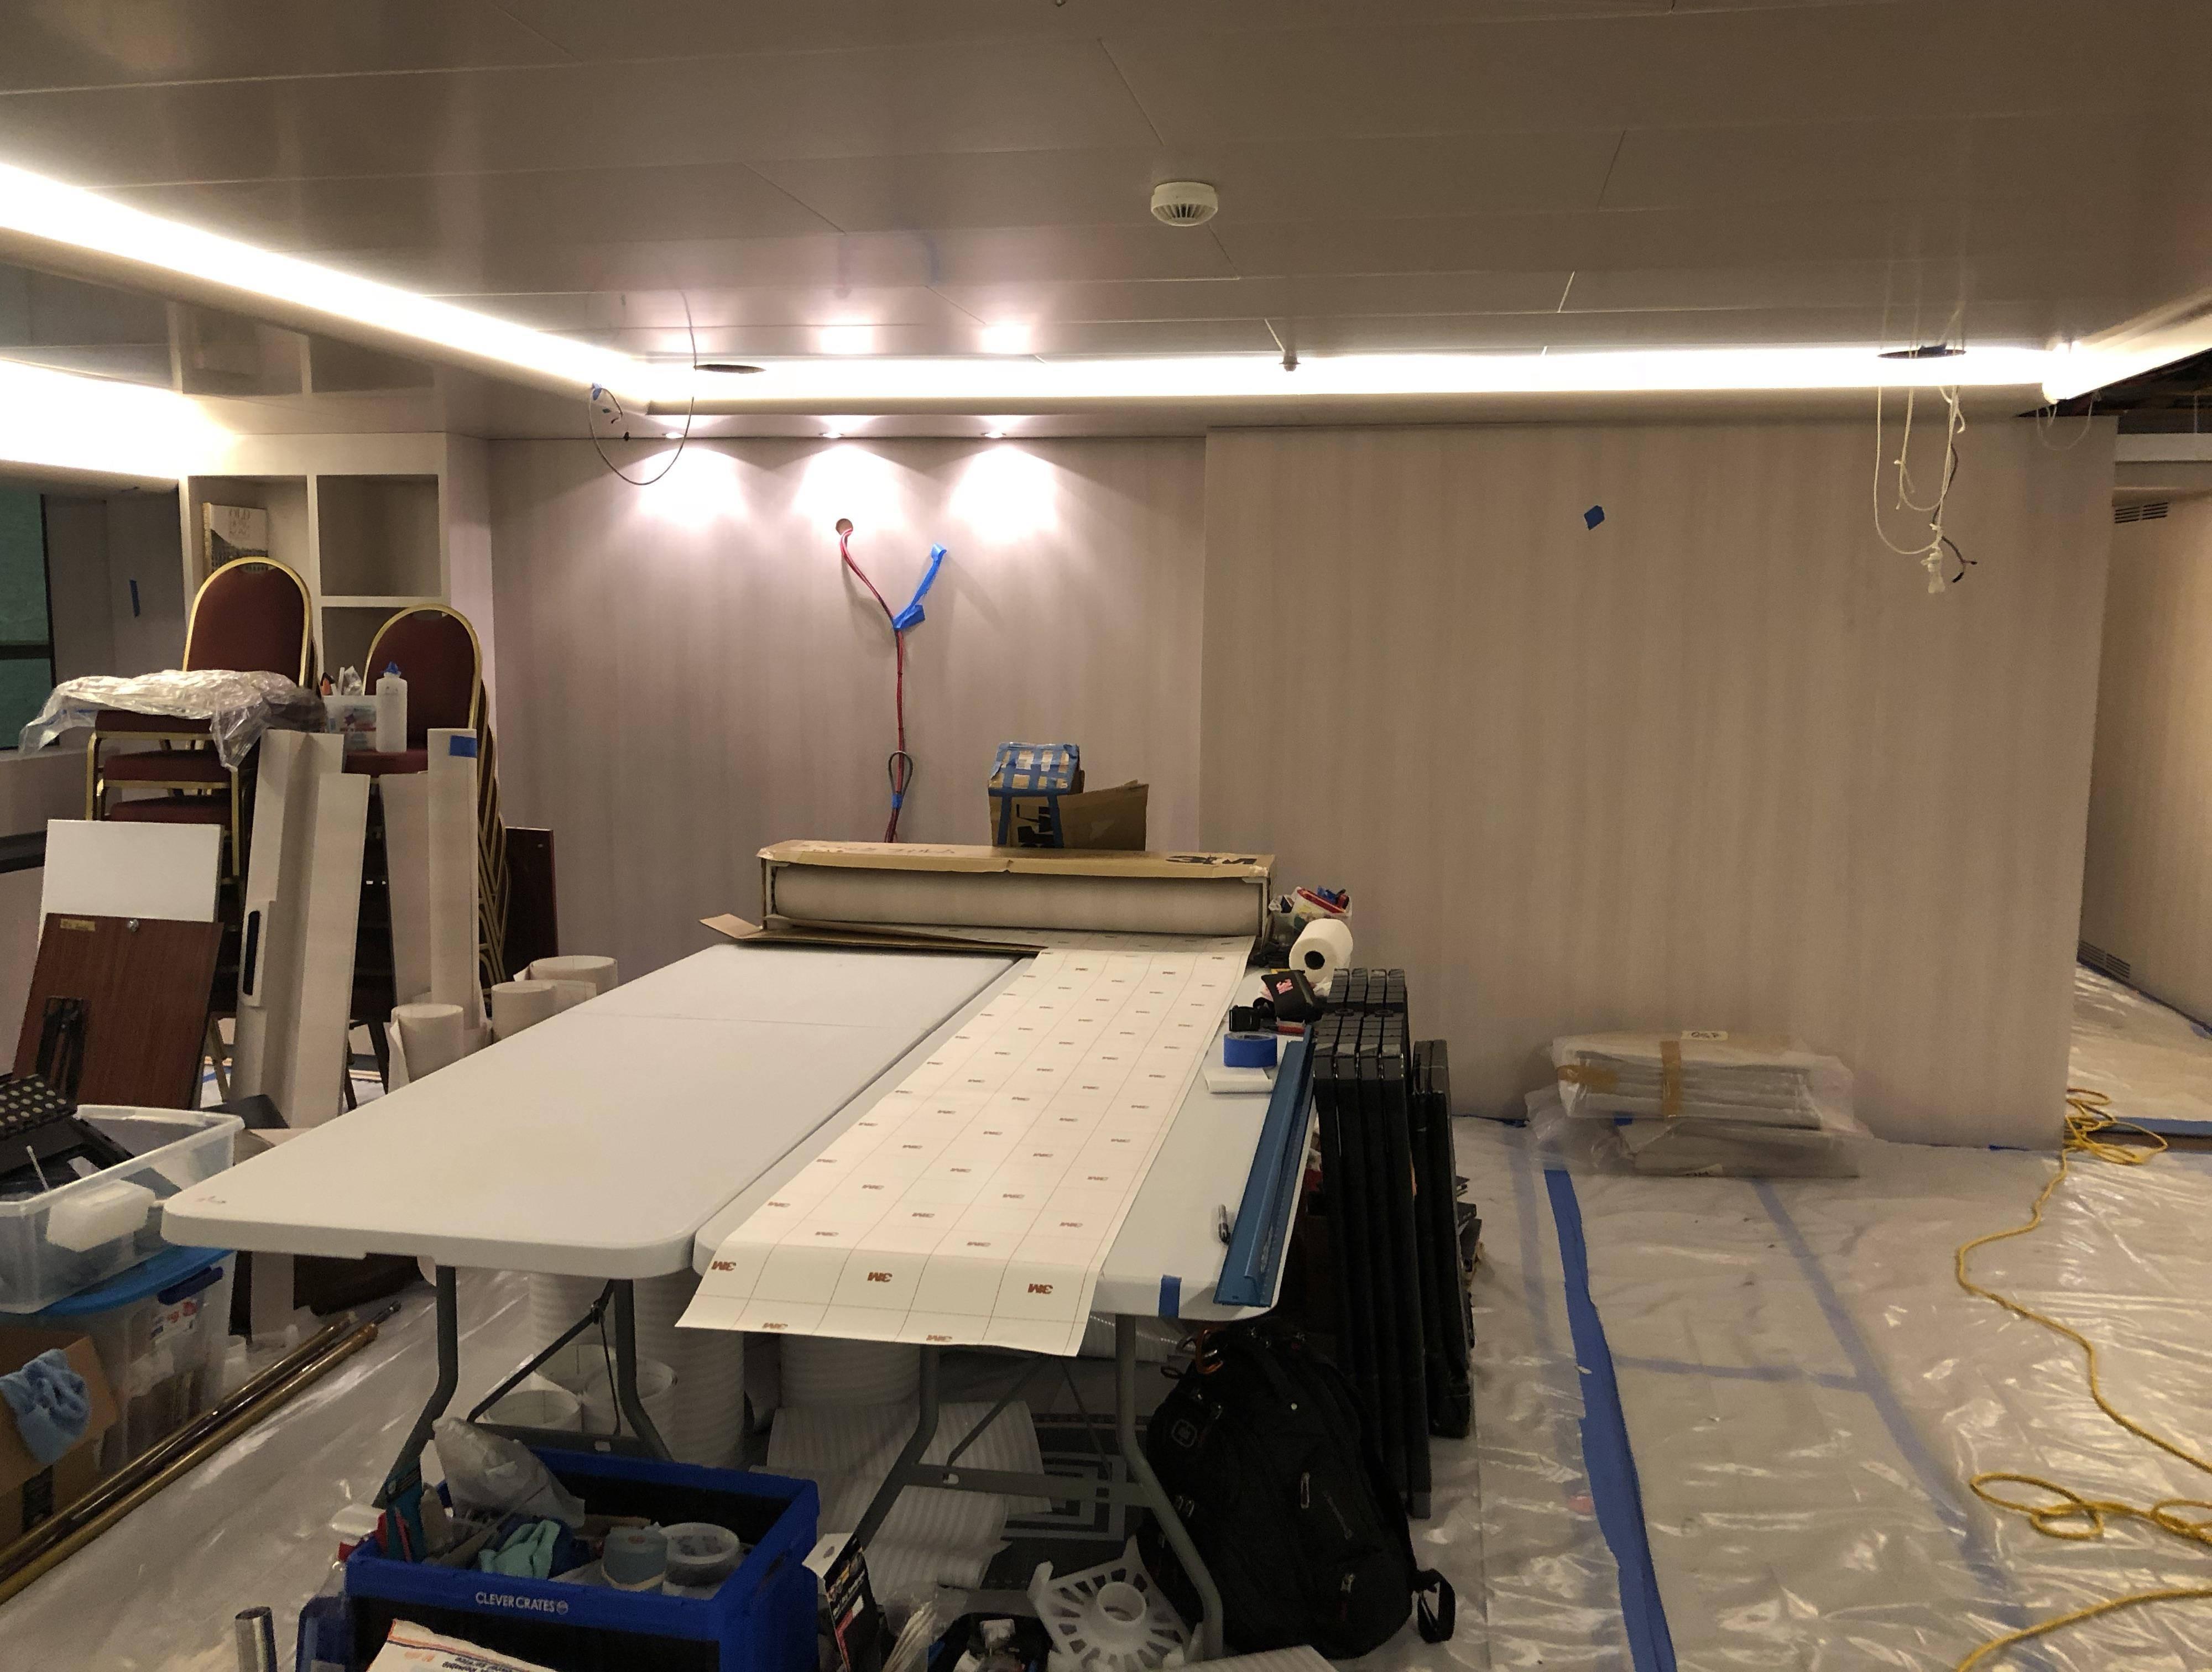 M Y Eternity 65 Meter Superyacht Refit Debut At Flibs